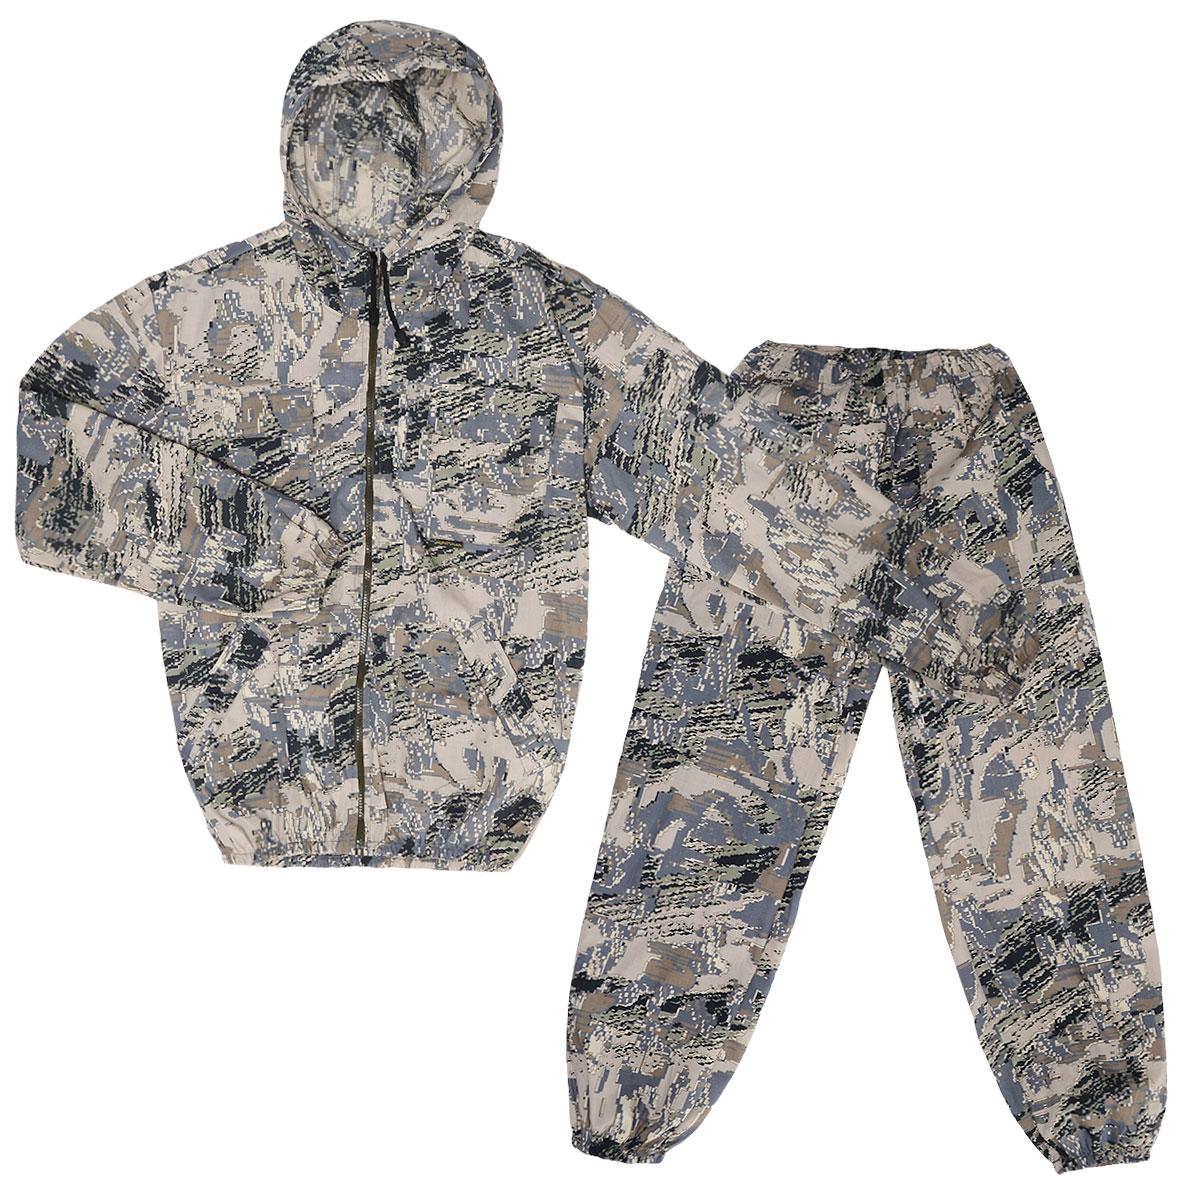 Костюм охотничийVST-LОтличный легкий летний костюм, аналог Снайпера, используется весной и летом-жаркую погоду, для любого отдыха на природе, в том числе активного, от +12 до 25 град. С. Прочная ткань с хлопком, дышит в жару, полиэстер дает прочность. Особенности модели: - куртка на молнии с капюшоном; - низ куртки и рукава на резинке; - два накладных кармана-с клапанами на груди, застегиваются на липучку, два боковых- прорезных с листочками; - на левом рукаве накладной карман с клапаном, застегивается на липучку; - брюки широкие по низу и талии стягиваются резинкой; - функциональные объемные карманы выше колена; - маскировочные цвета, легкая, прочная, дышащая ткань.